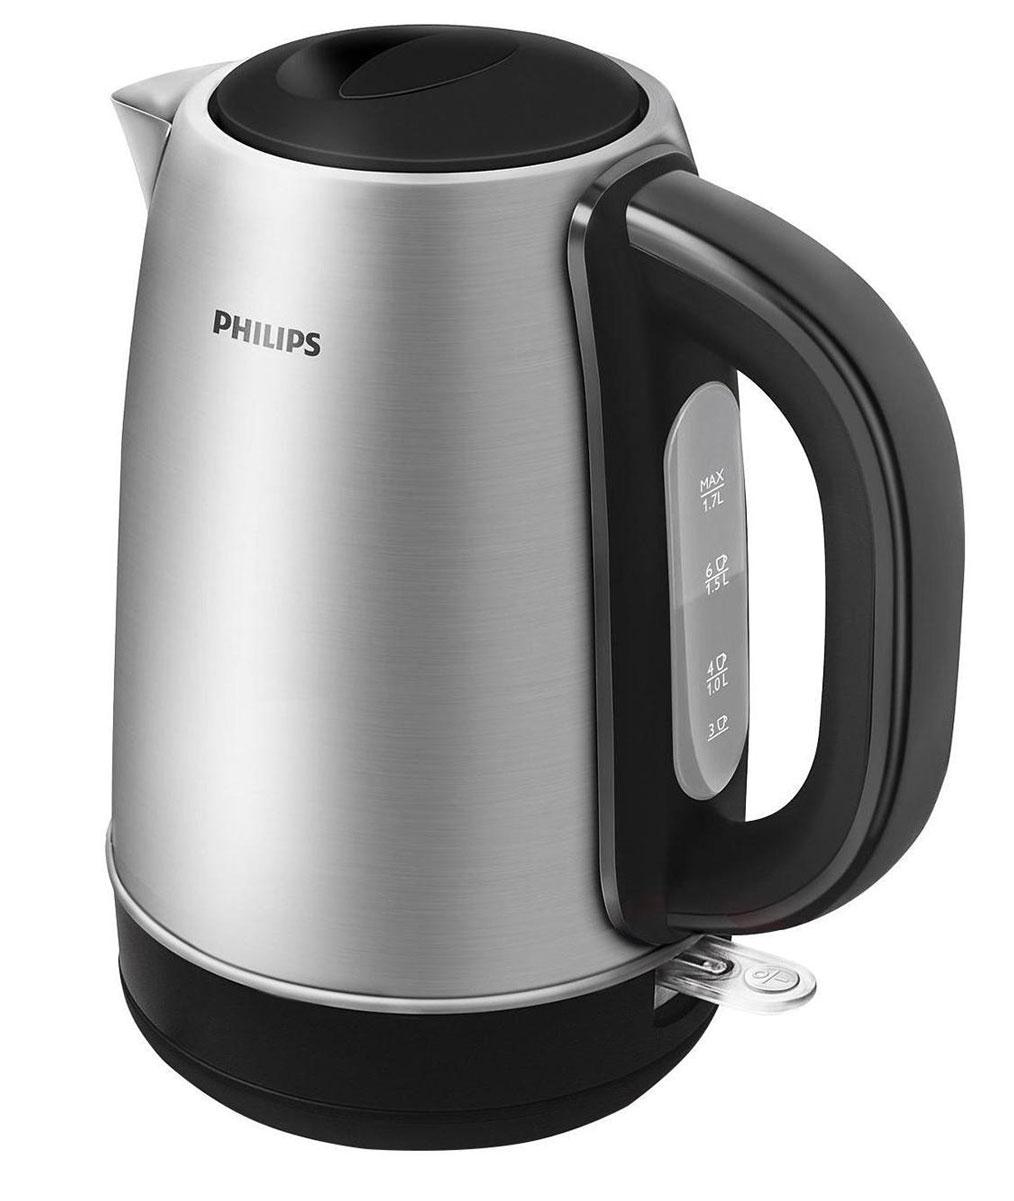 Philips HD9320/21 электрочайникHD9320/21Для прочного металлического электрического чайника Philips HD9320 предусмотрен плоский и удобный в очистке нагревательный элемент, который позволяет вскипятить воду за считаные секунды. Прочный чайник с полированным корпусом из нержавеющей стали Прочный металлический чайник с корпусом из полированной нержавеющей стали отличается долгим сроком службы. Когда чайник включен, загорается подсветка Элегантная подсветка кнопки включения/выключения уведомляет о процессе нагрева воды. Фильтр от накипи обеспечивает чистоту воды и чайника Катушка для удобного хранения шнура Шнур оборачивается вокруг основания, что позволяет легко разместить чайник на кухне. Беспроводная подставка с поворотом на 360° для удобства использования. Понятный индикатор уровня воды Удобное наполнение через носик/крышку Наполнить чайник можно через носик или открыв крышку. Крышка открывается вручную,...